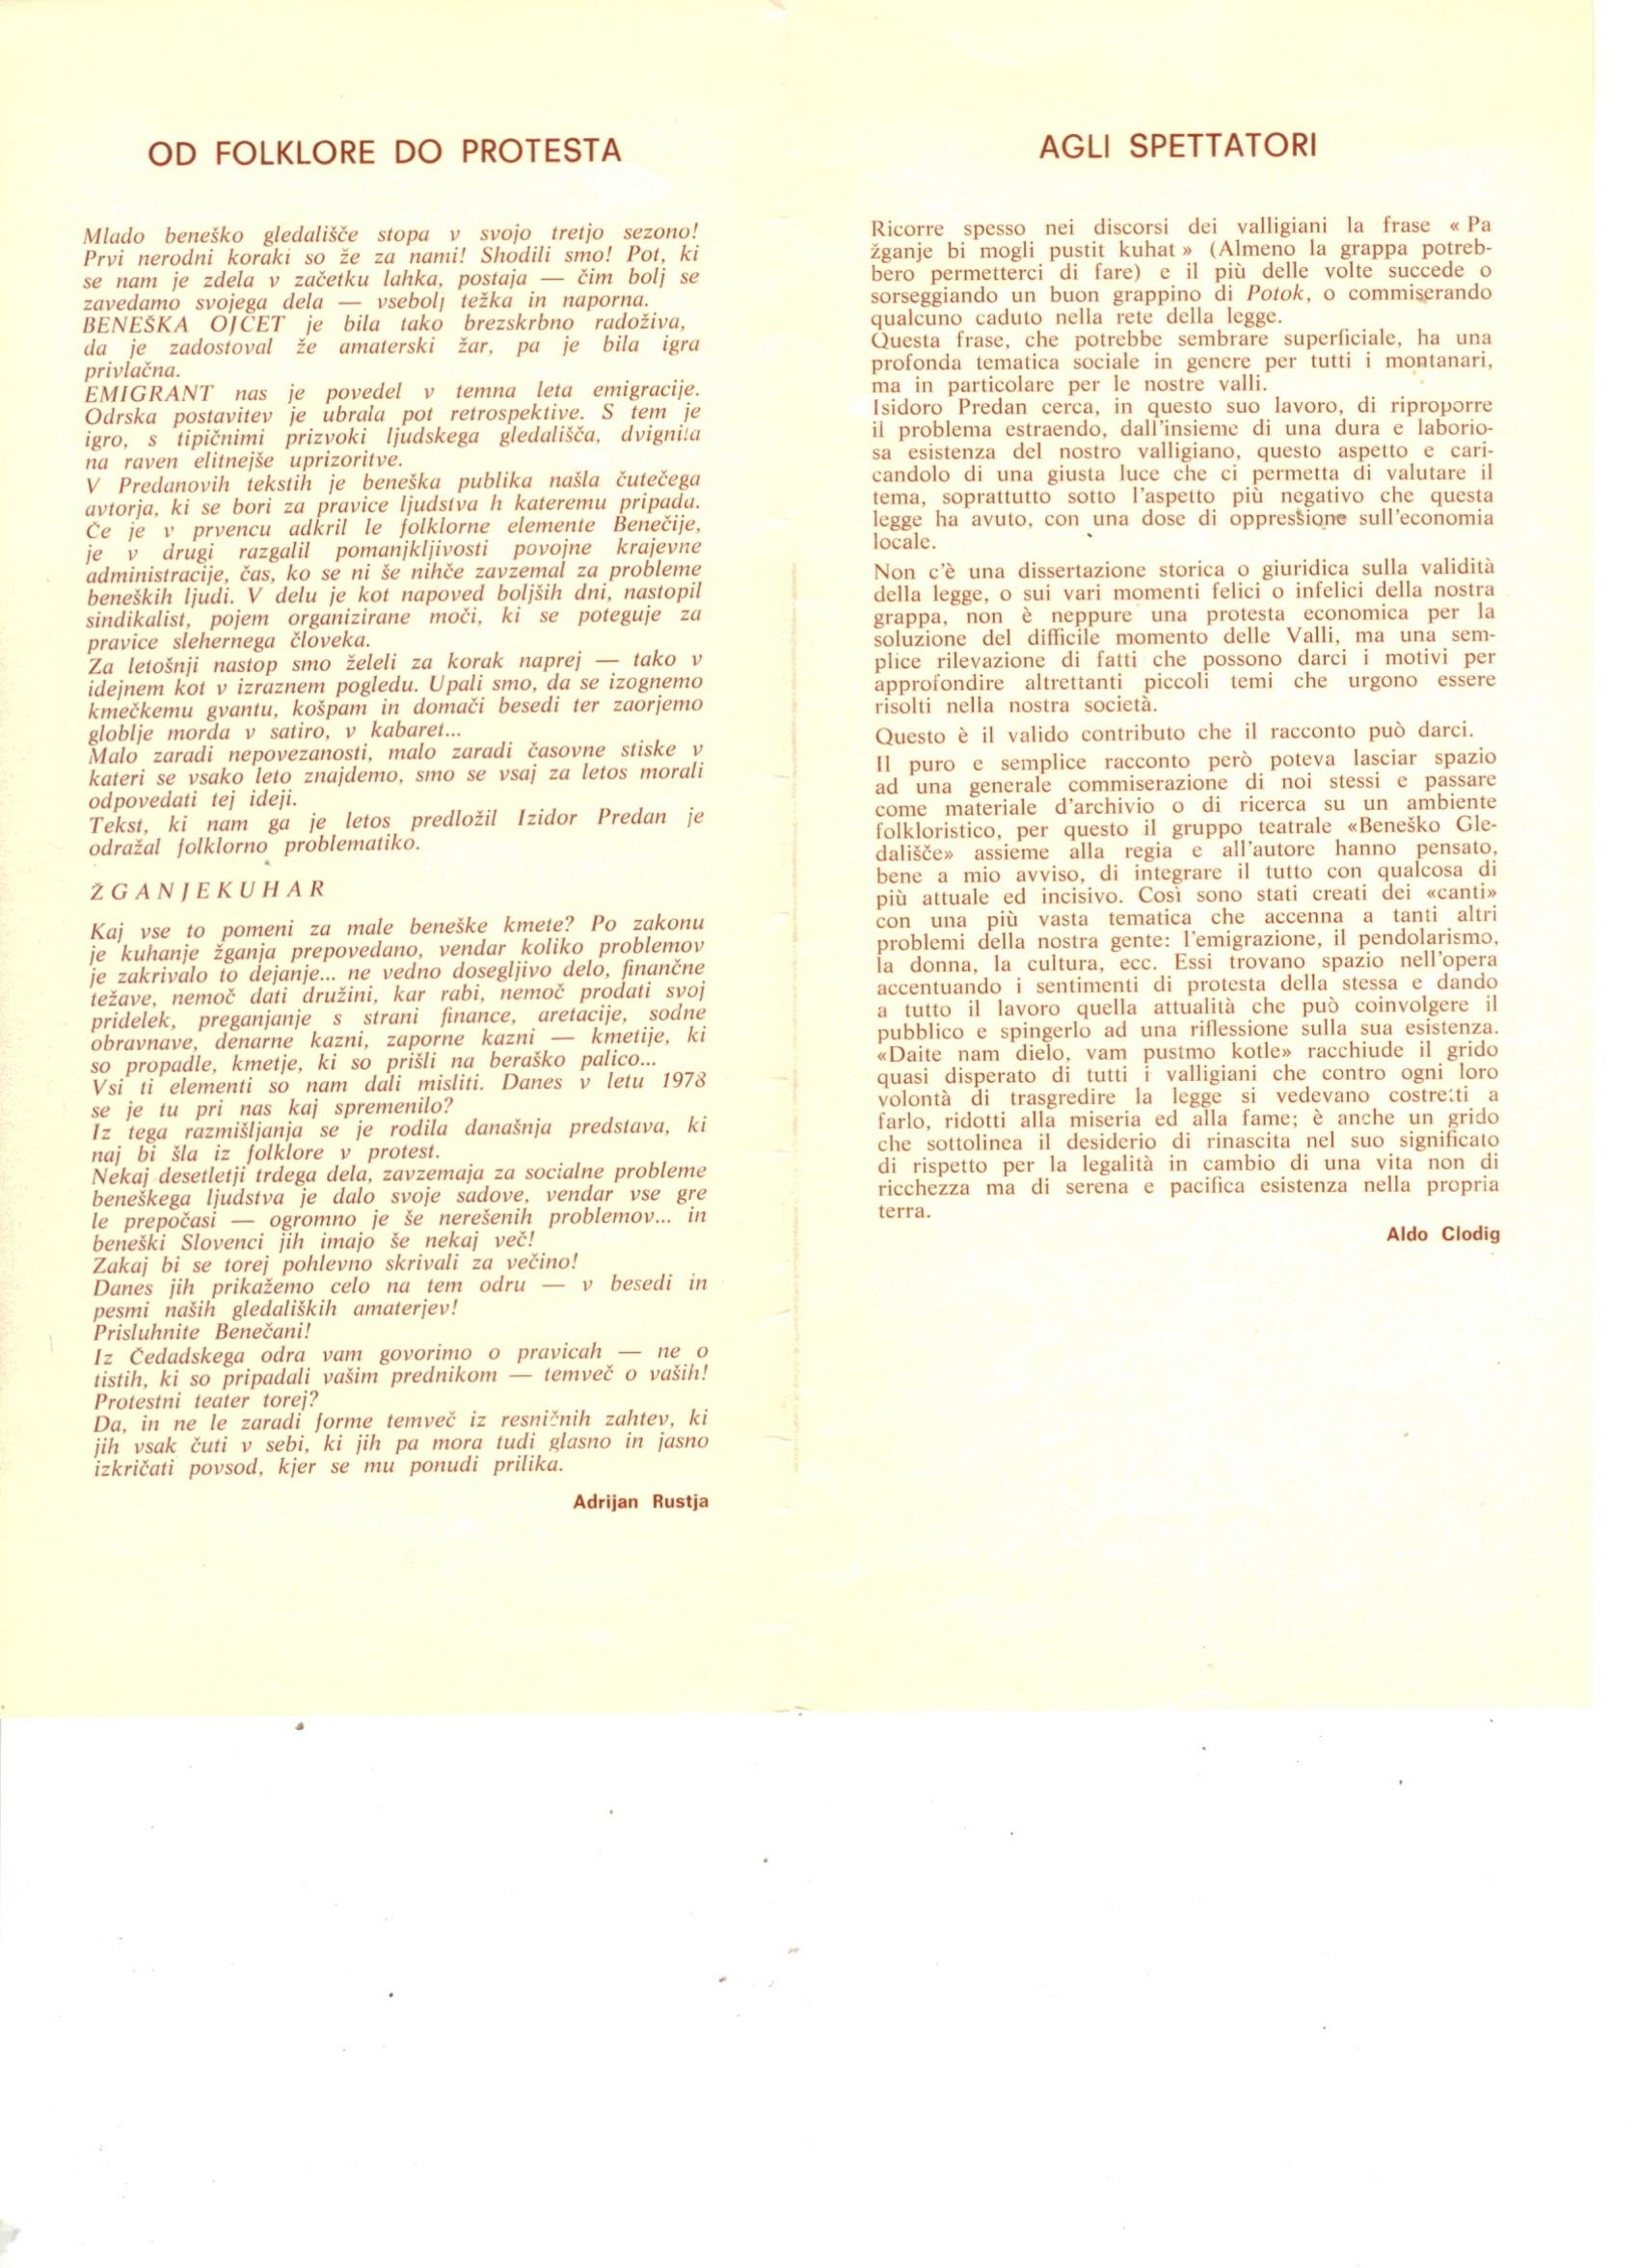 1978 - Zganjari - Foglio sala 2